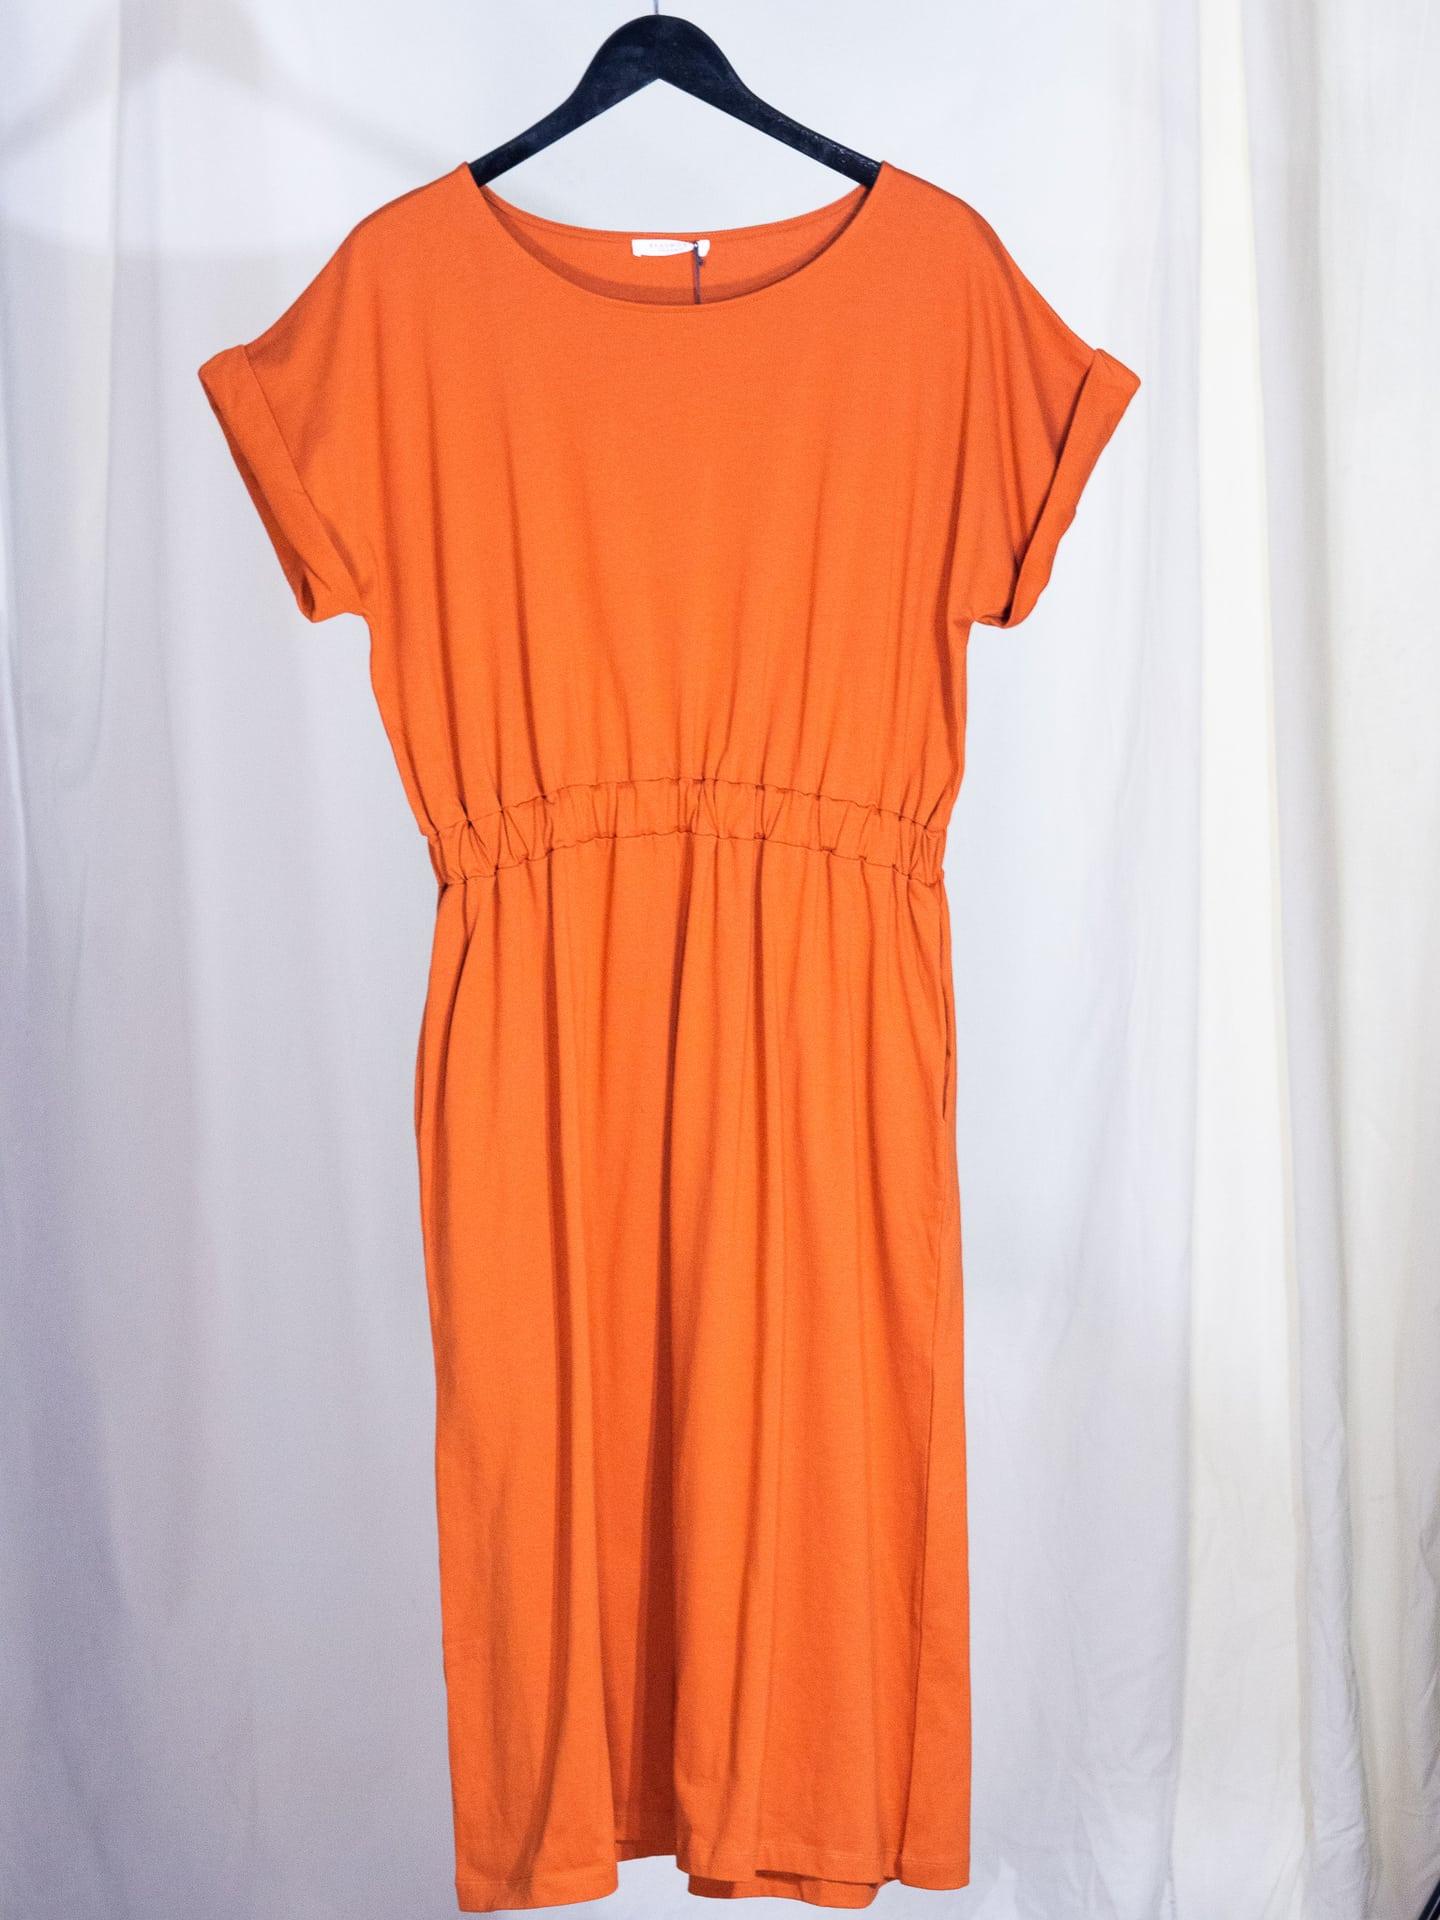 Merissa dress